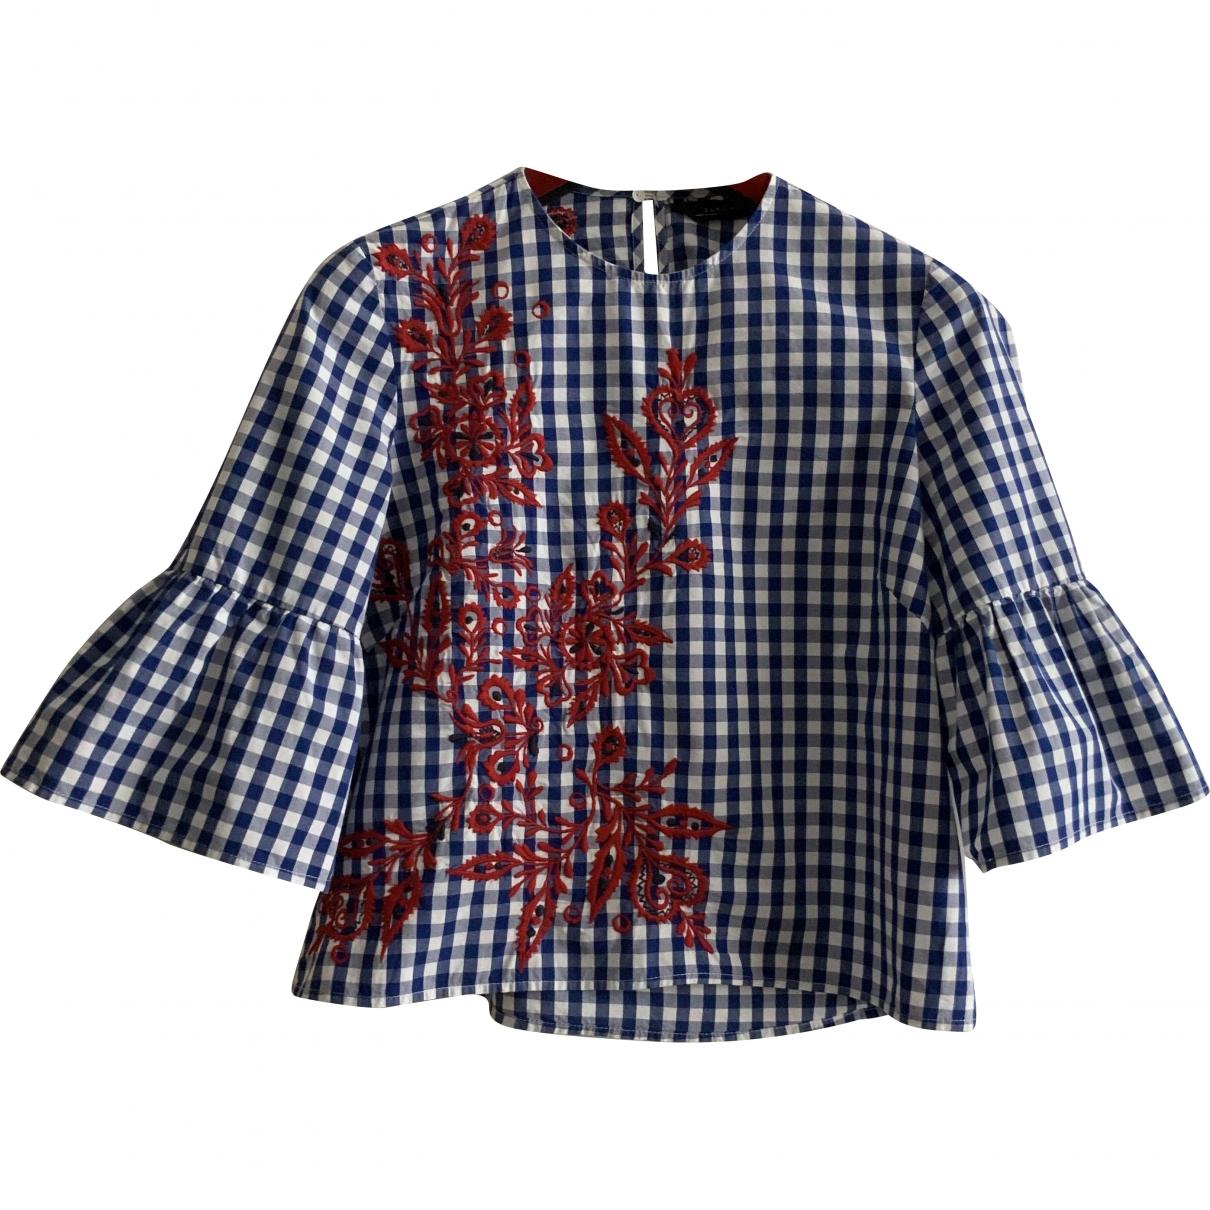 Zara \N Top in  Blau Baumwolle